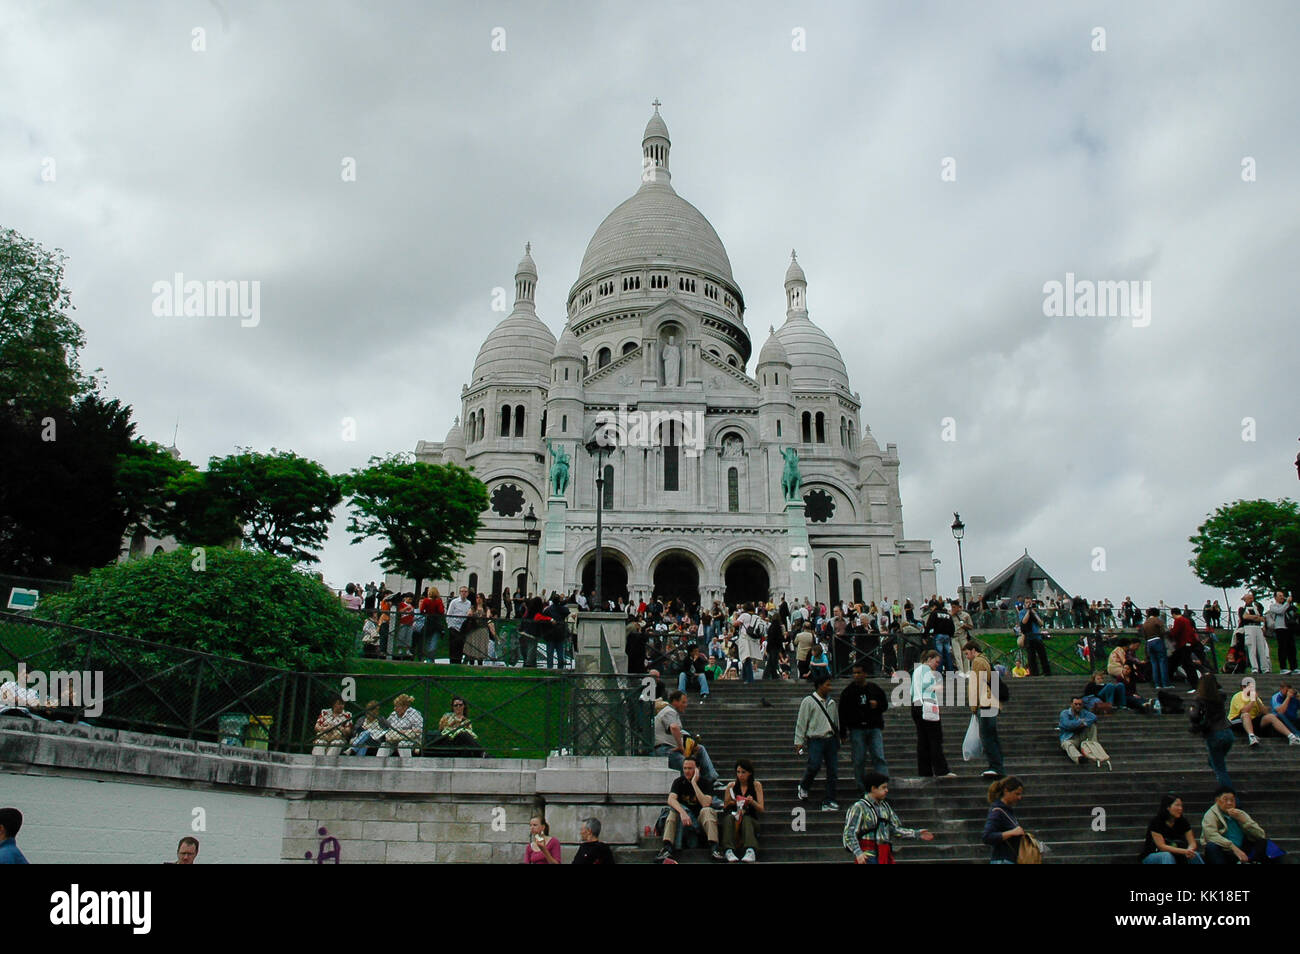 Les touristes et les pèlerins se rendant sur la Basilique du Sacré-Cœur de Paris qui a été construit sur le sommet Banque D'Images